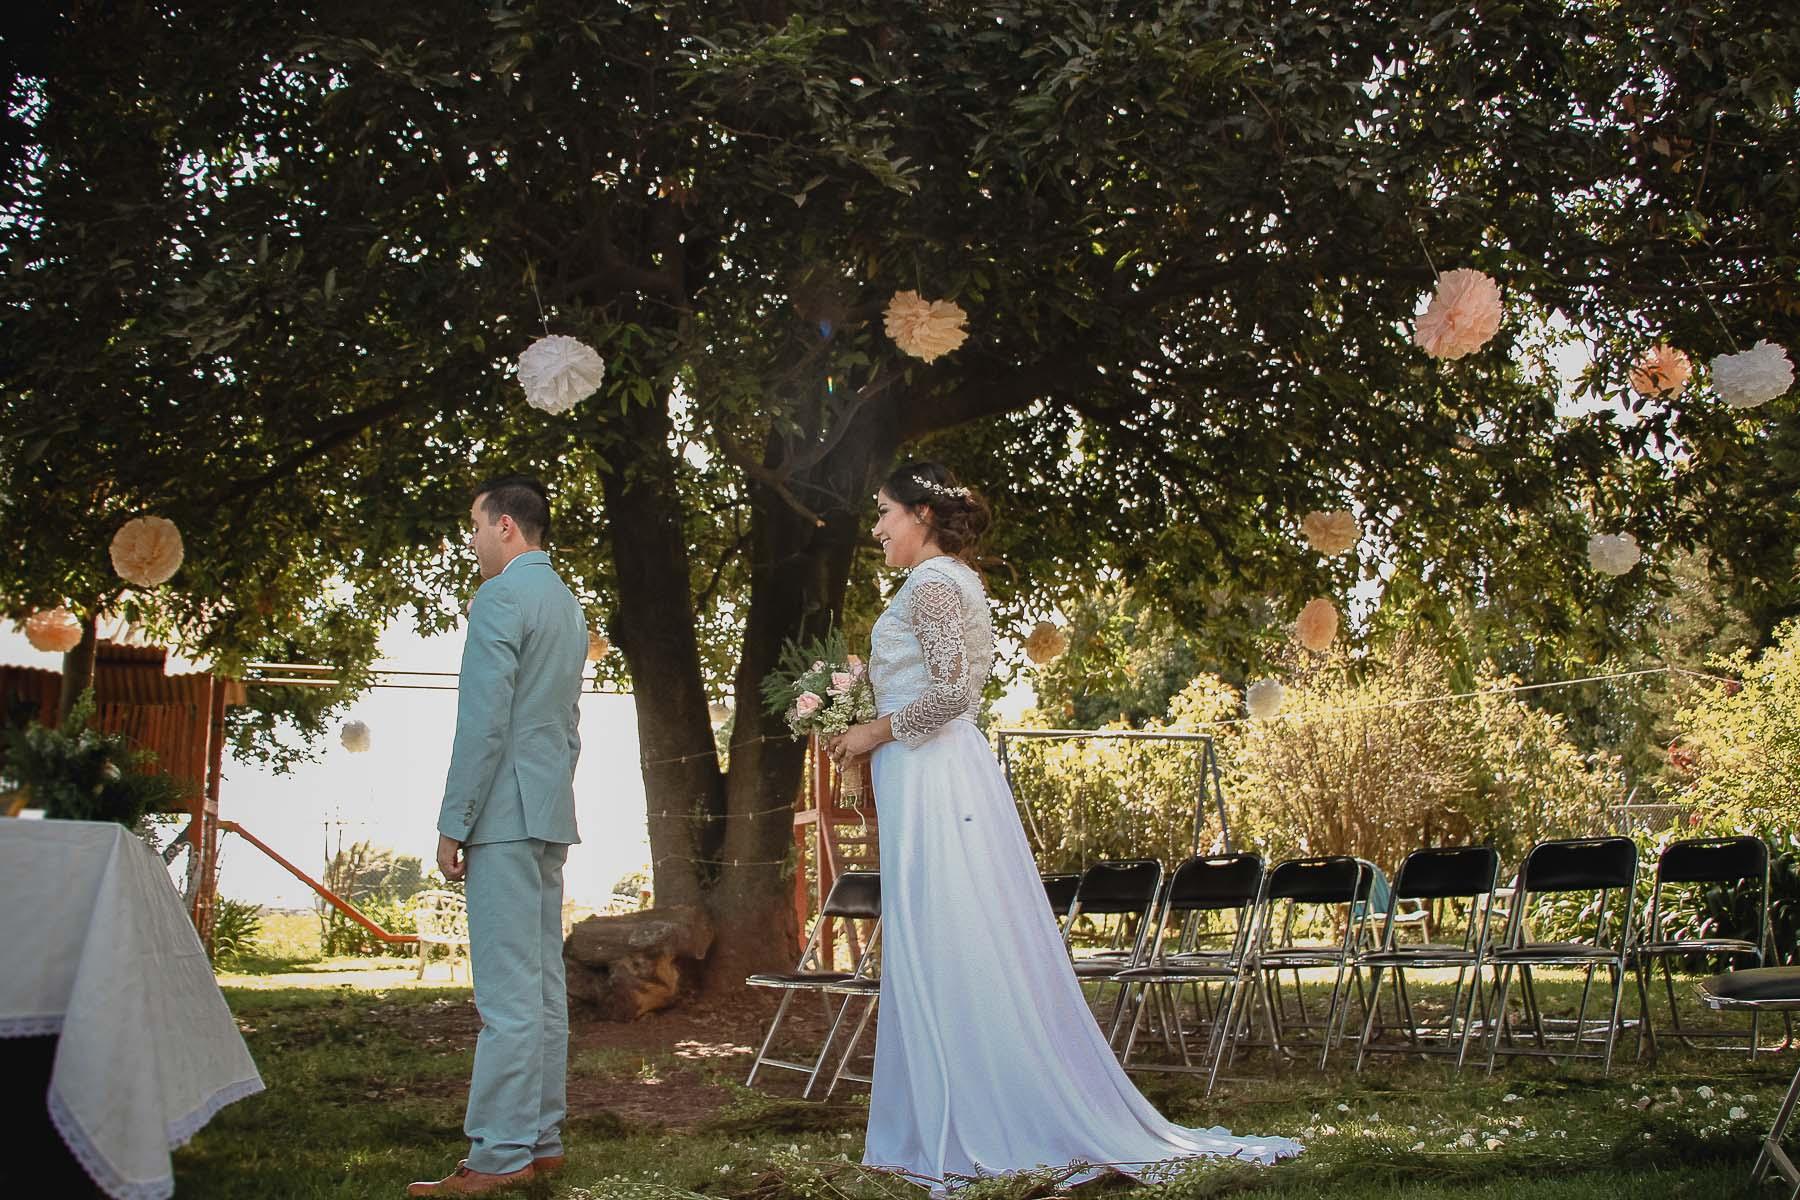 vestidos de novia,bodas en talixco,bodas en haciendas,haciendas para boda en atlixco